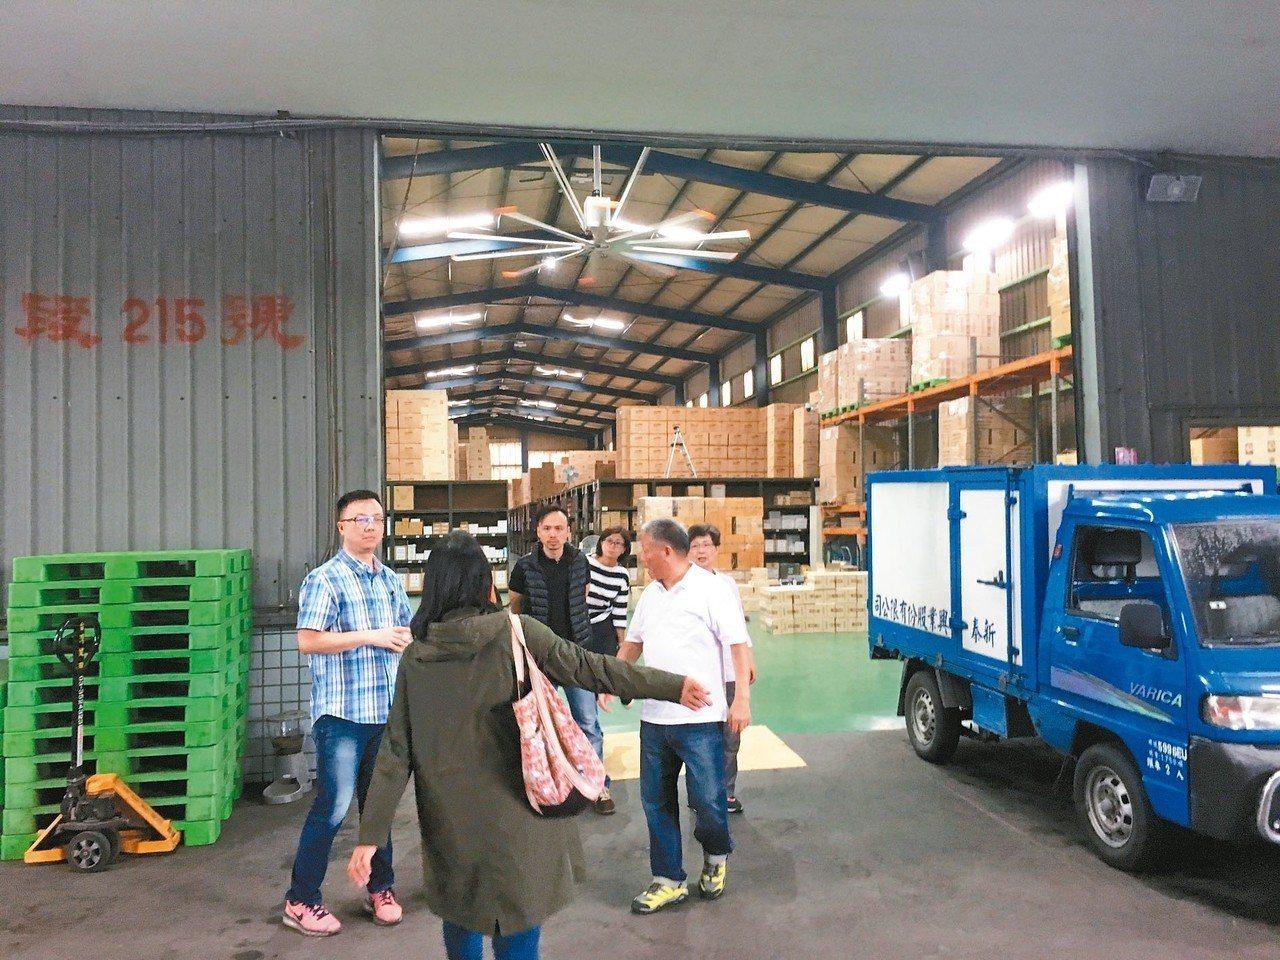 台北市議會昨視察社子島,傳產業者當場反映,從未收到市府訪查,擔憂開發後將流離失所...